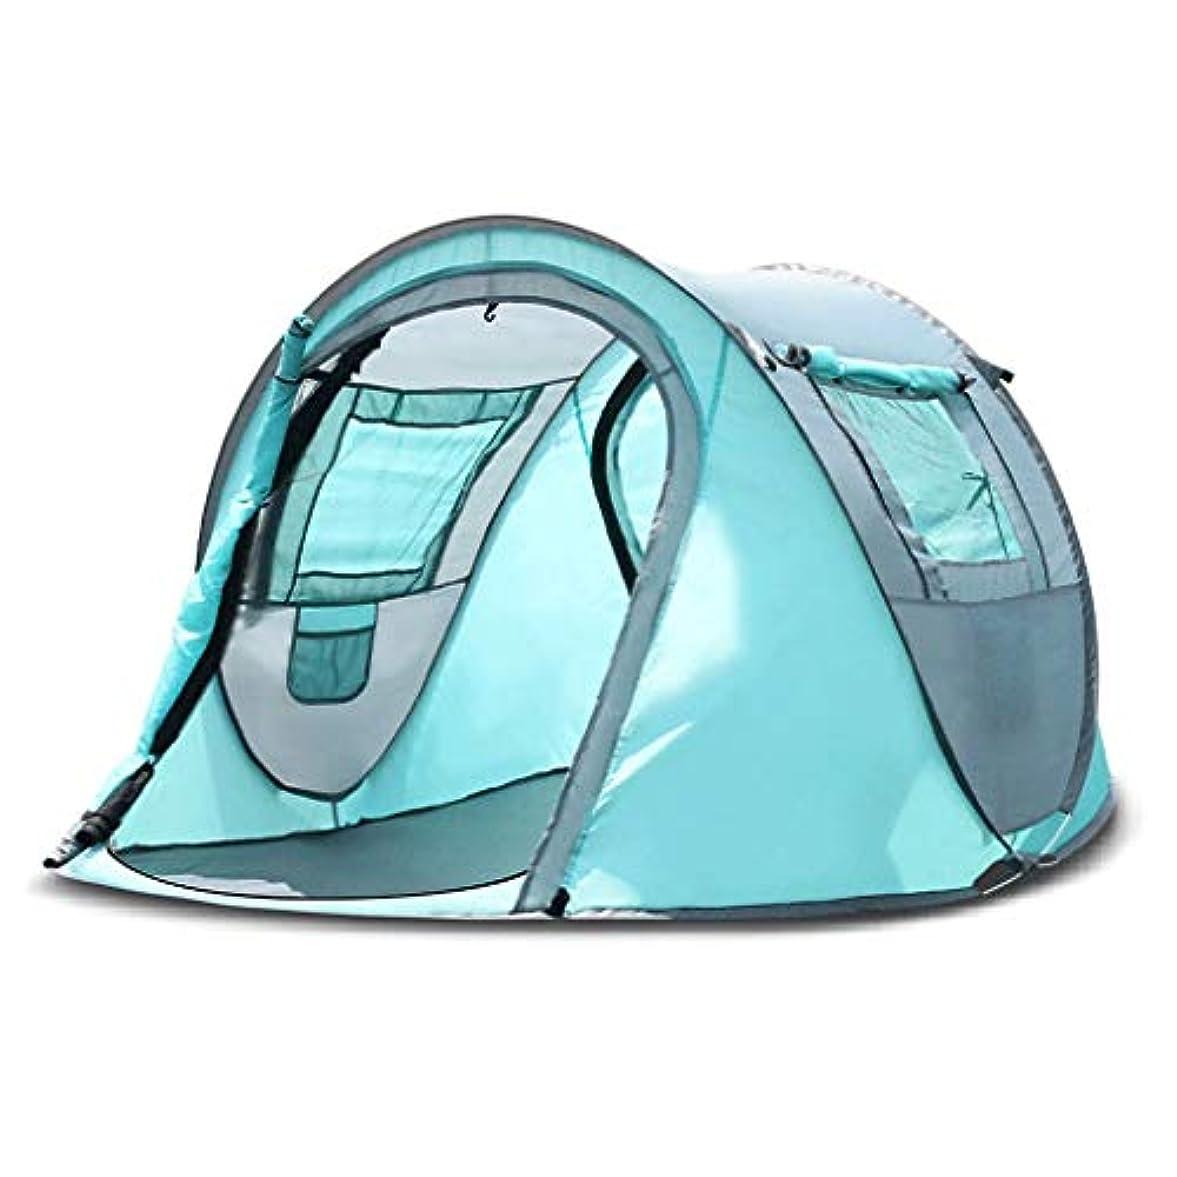 感染するでるシミュレートするYONGFEIhun 屋外テント、キャンプキャンプ超軽量家庭用肥厚アンチストームテント、無料で広いスペースを構築する3?4人シアン